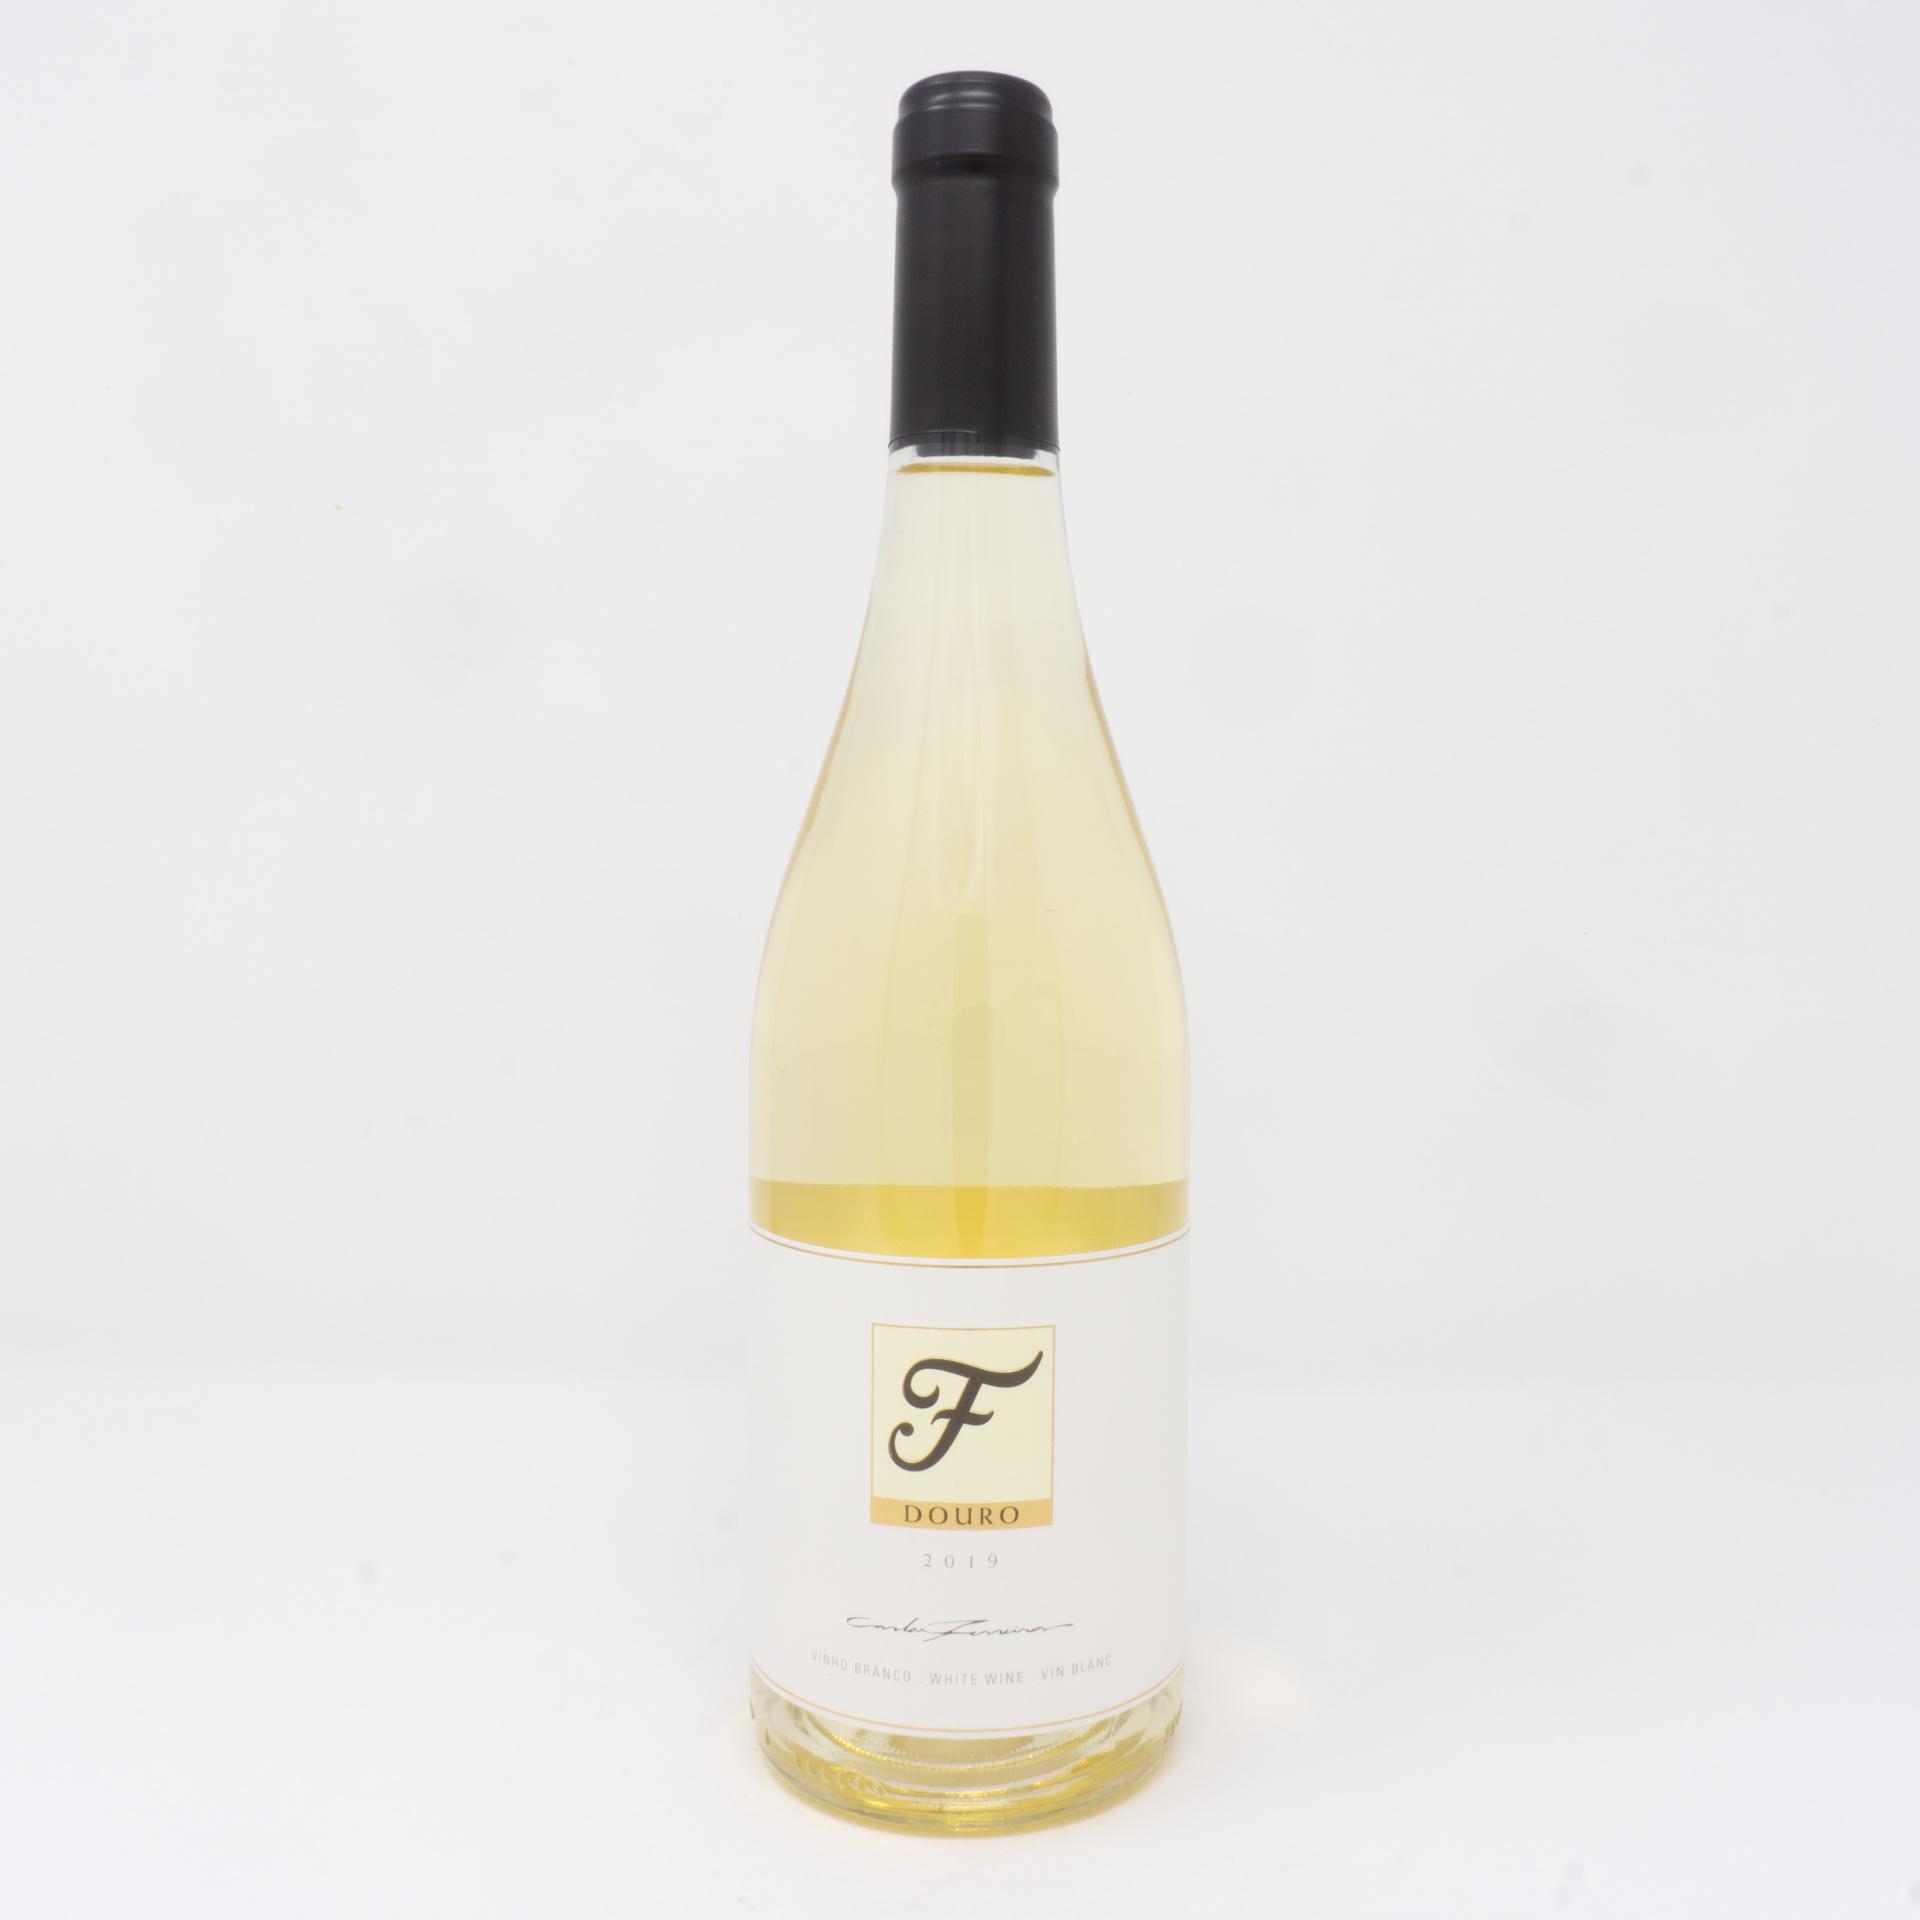 Ferreira-F-Douro-2019-Vin-Blanc-2